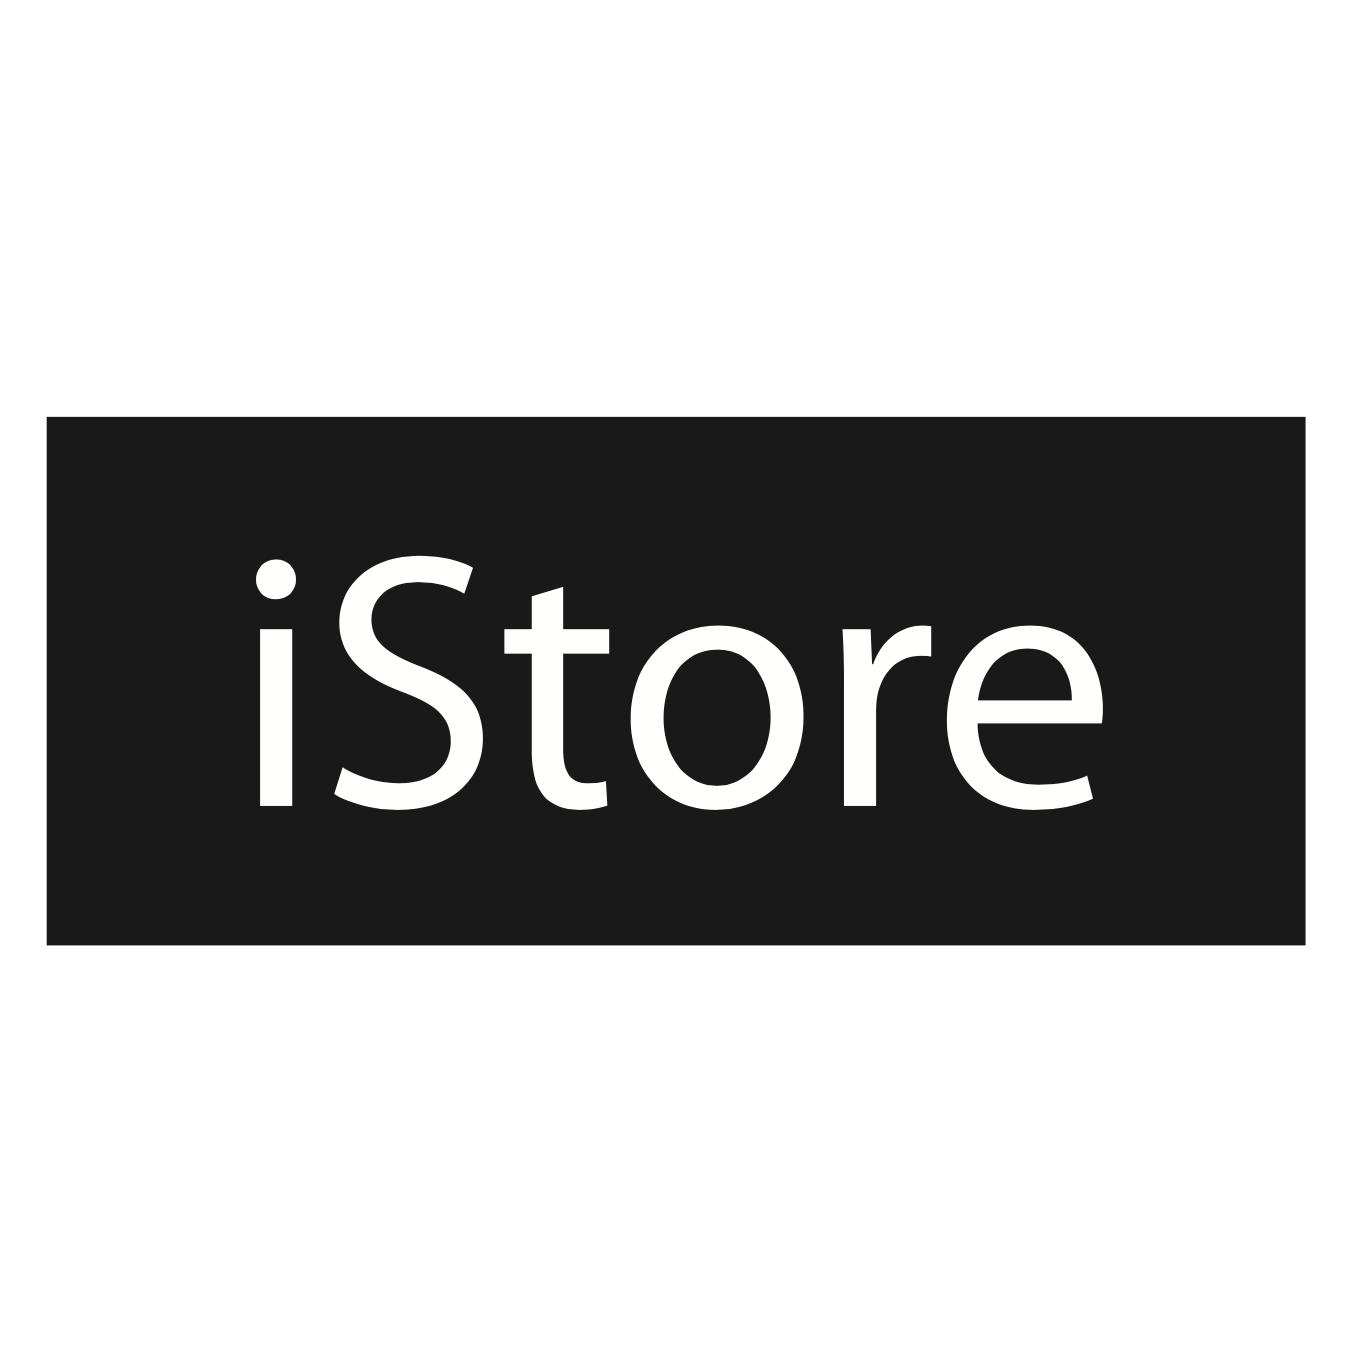 iPhone 6 Plus Silicone Case - Black